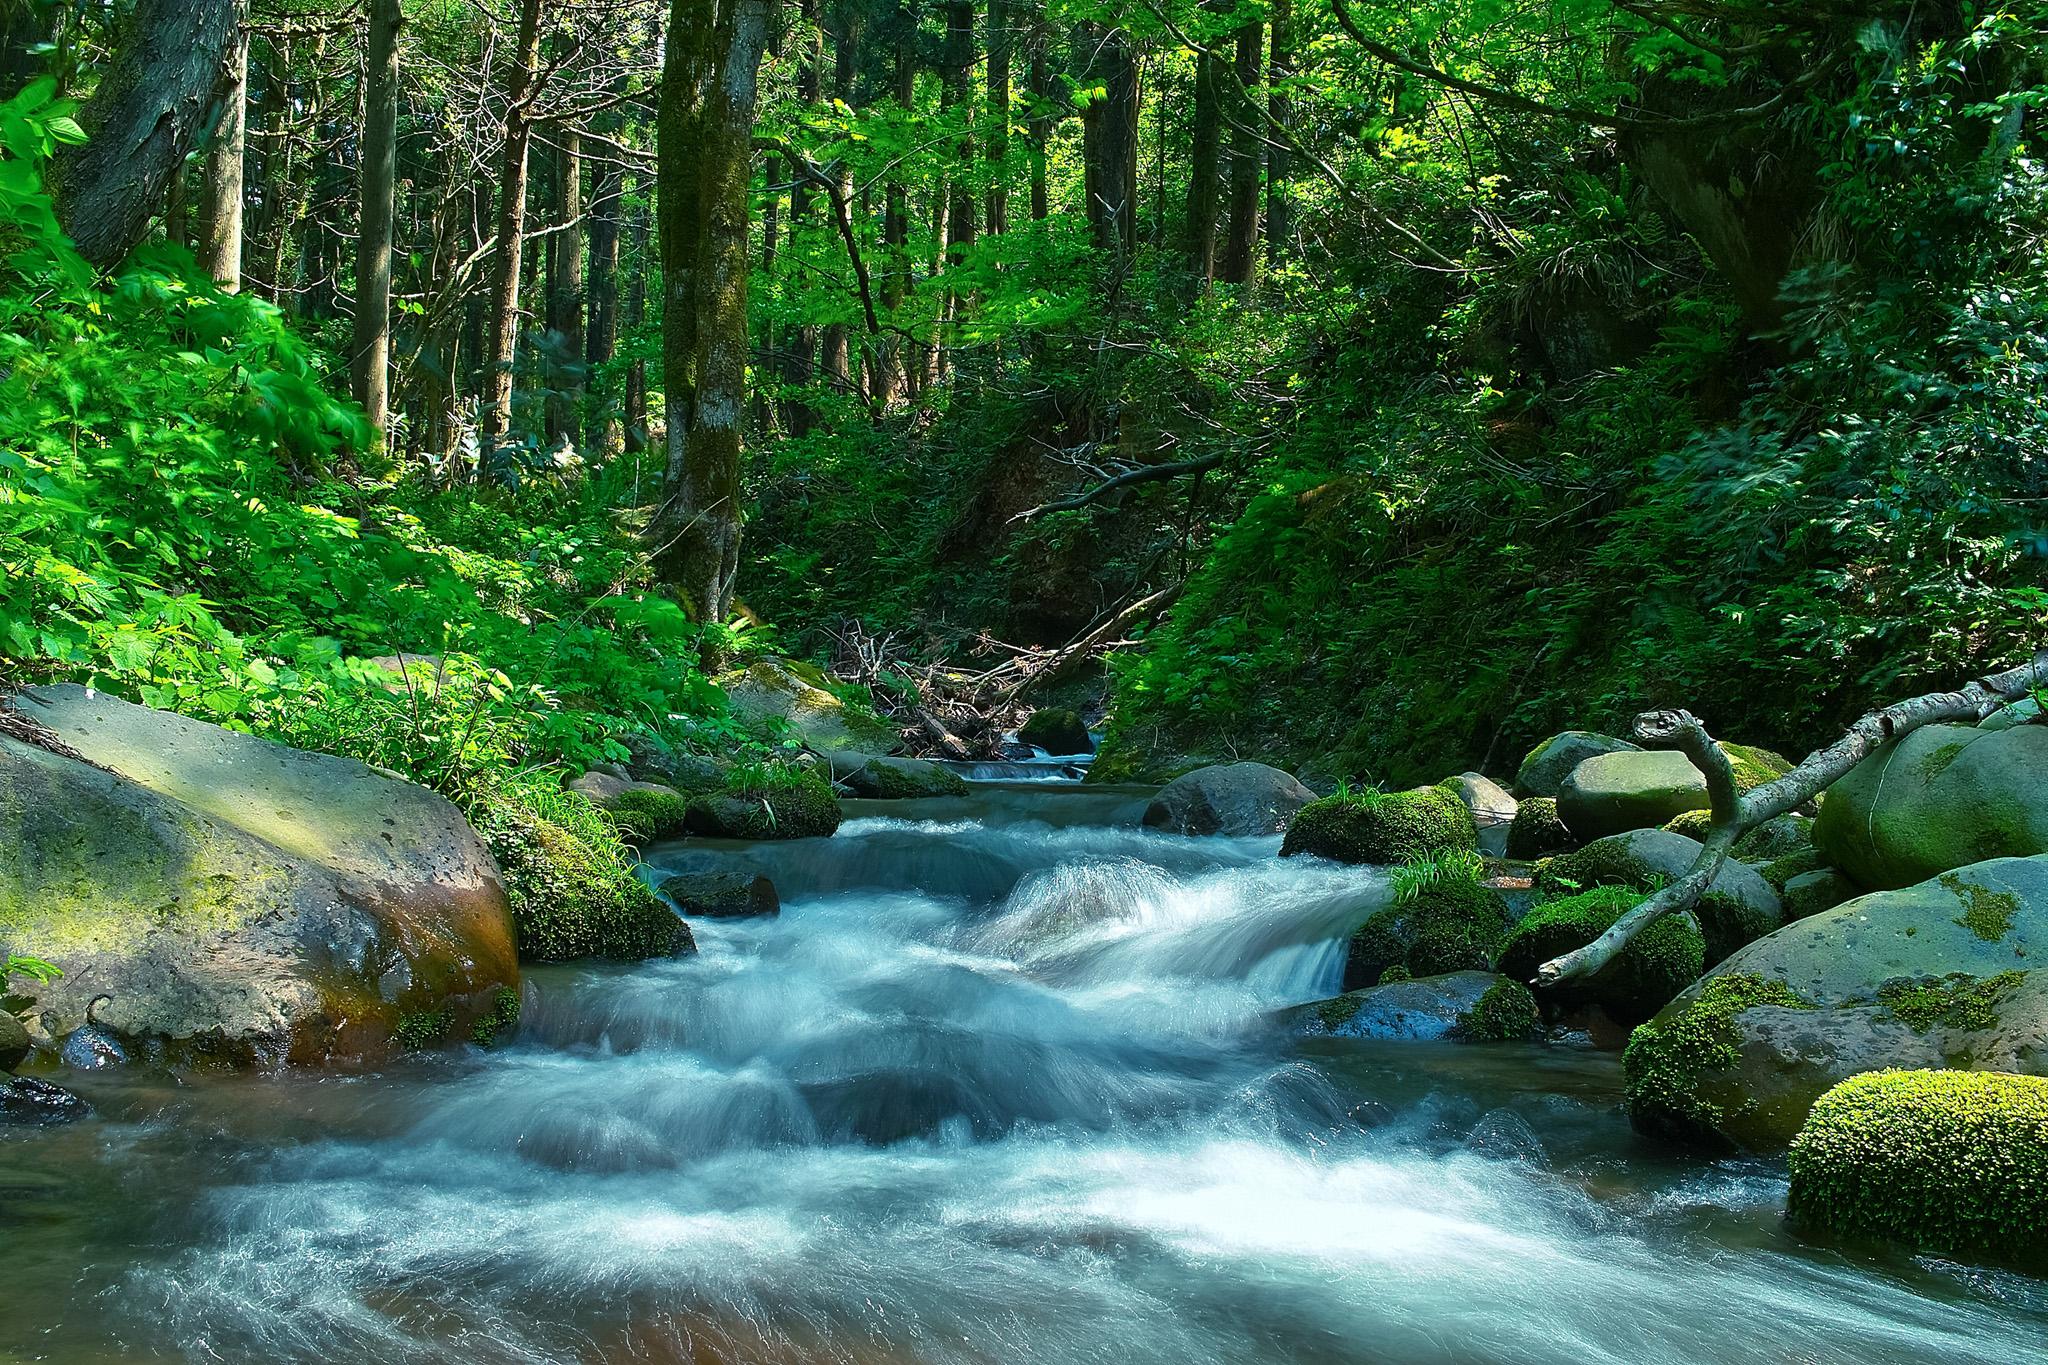 緑の森の中を流れる清流の写真